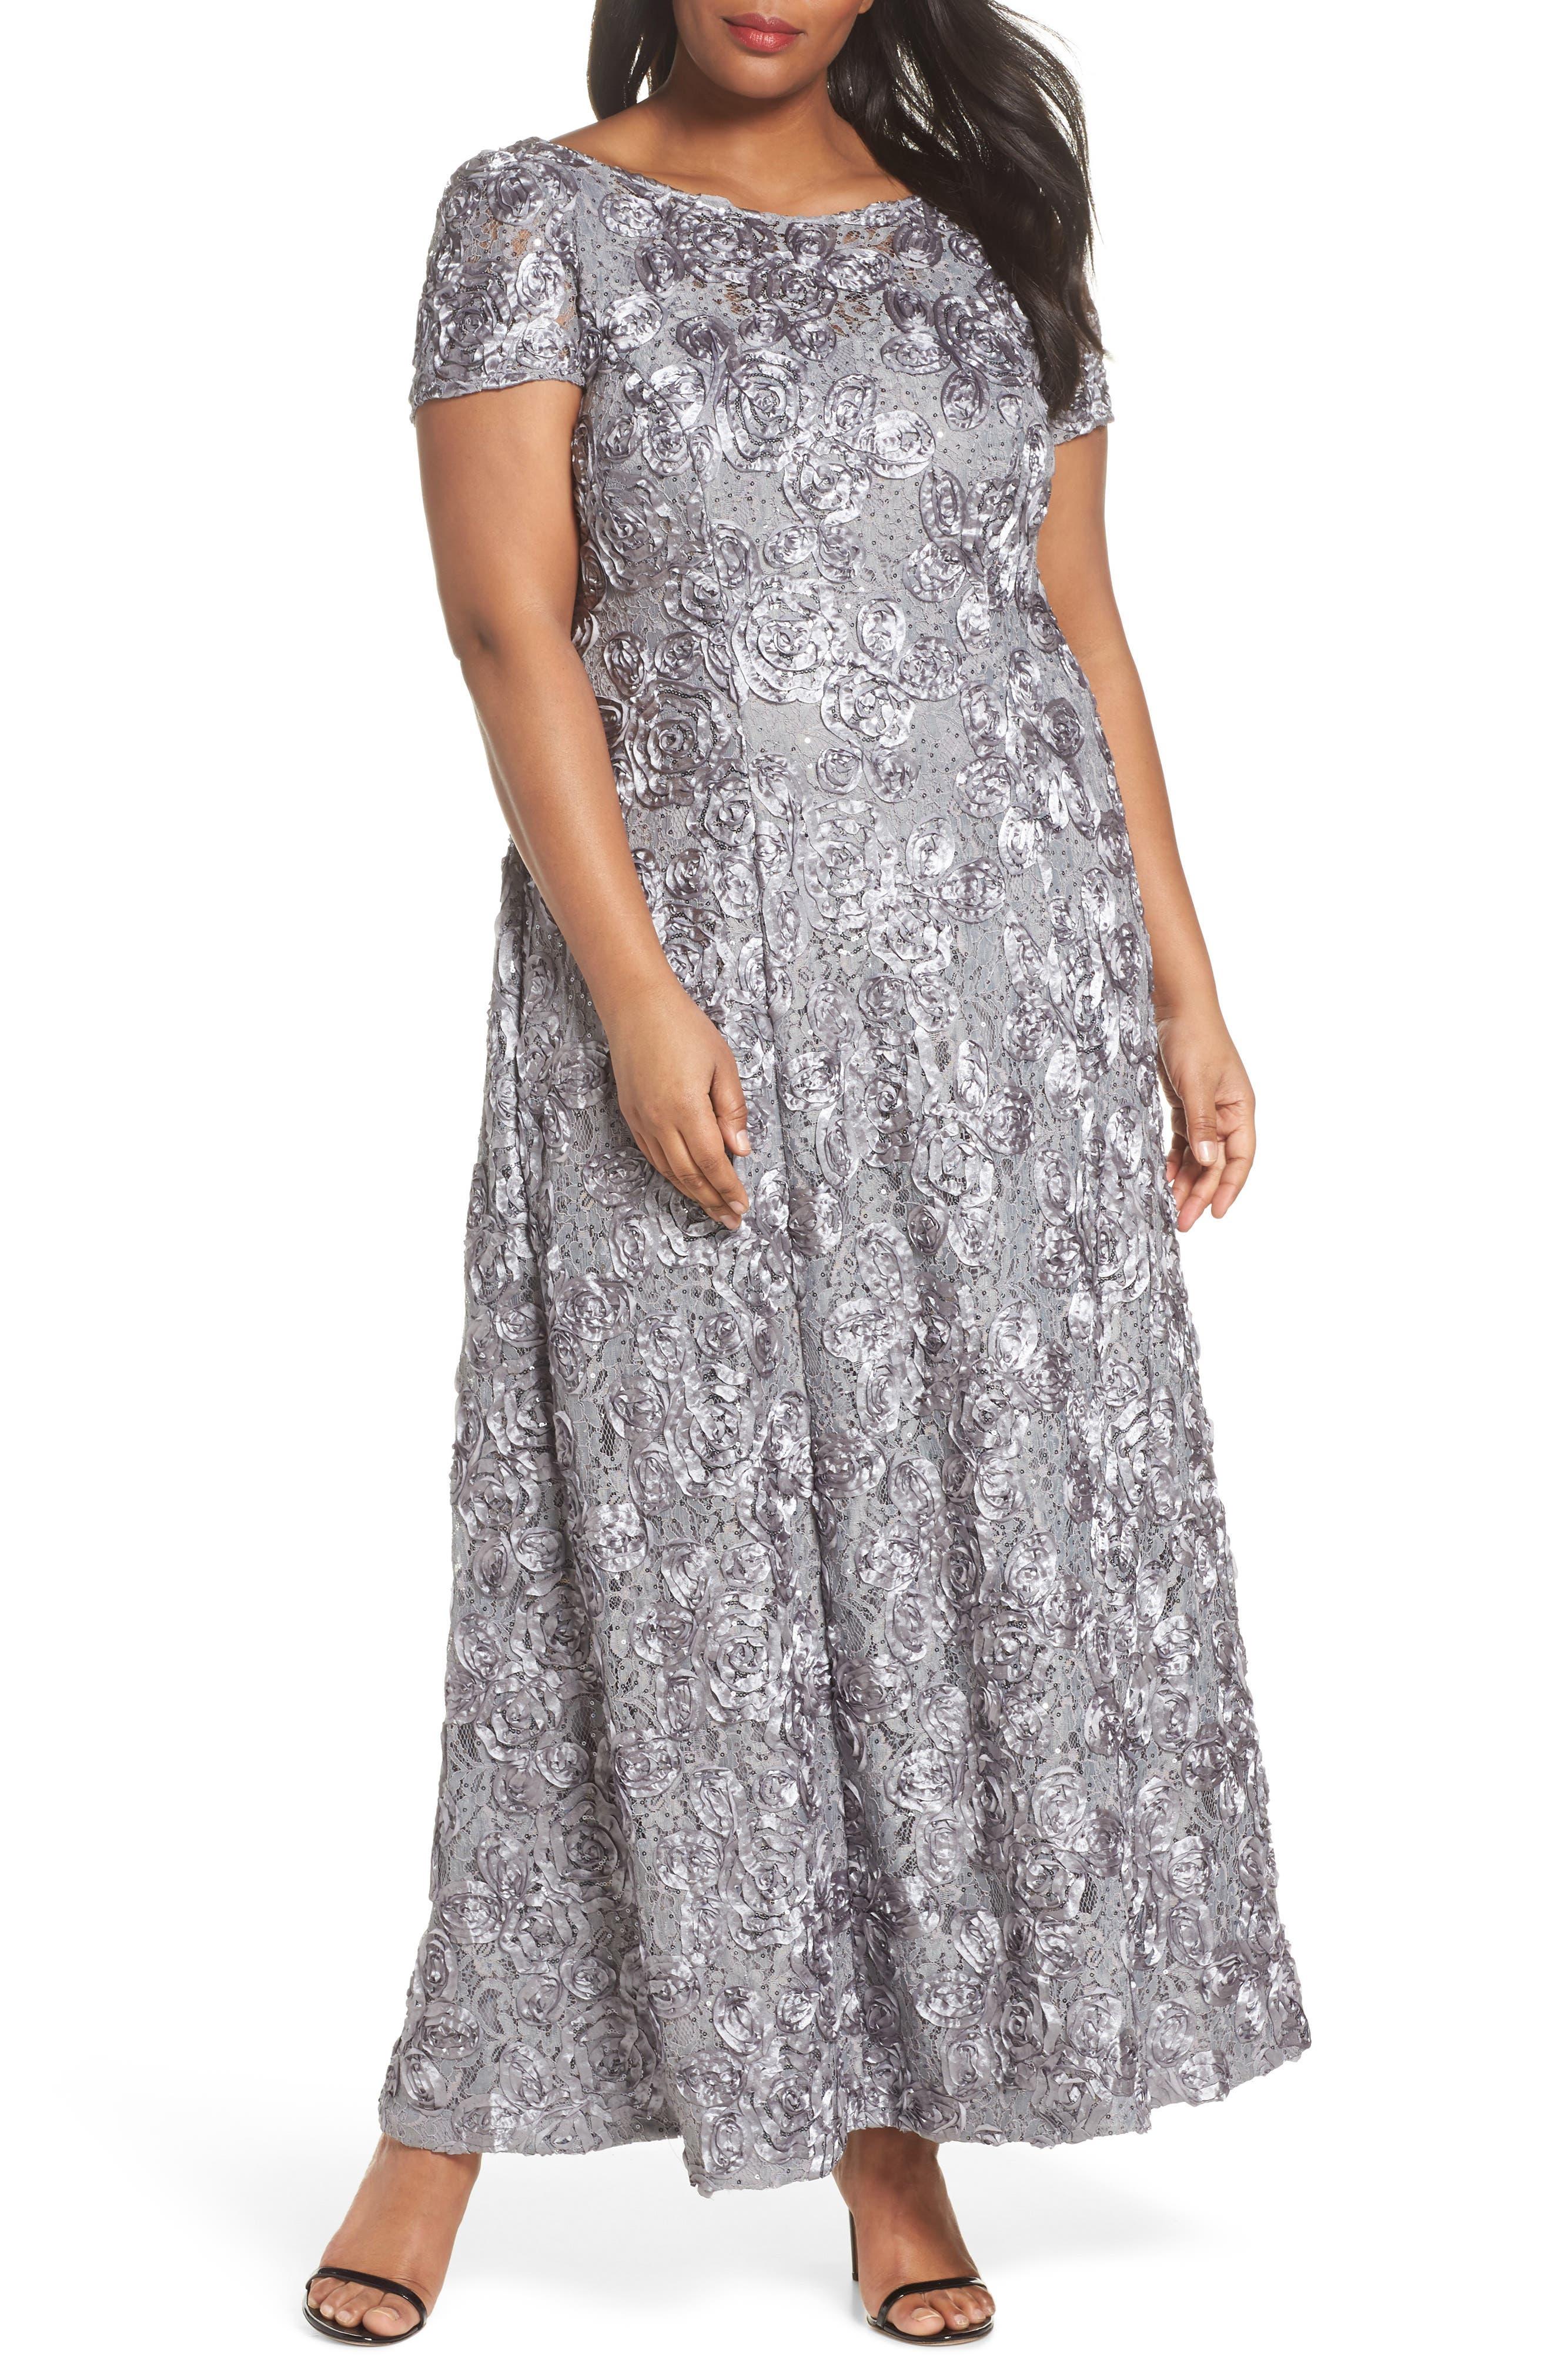 ALEX EVENINGS, Rosette Lace Short Sleeve A-Line Gown, Main thumbnail 1, color, DOVE